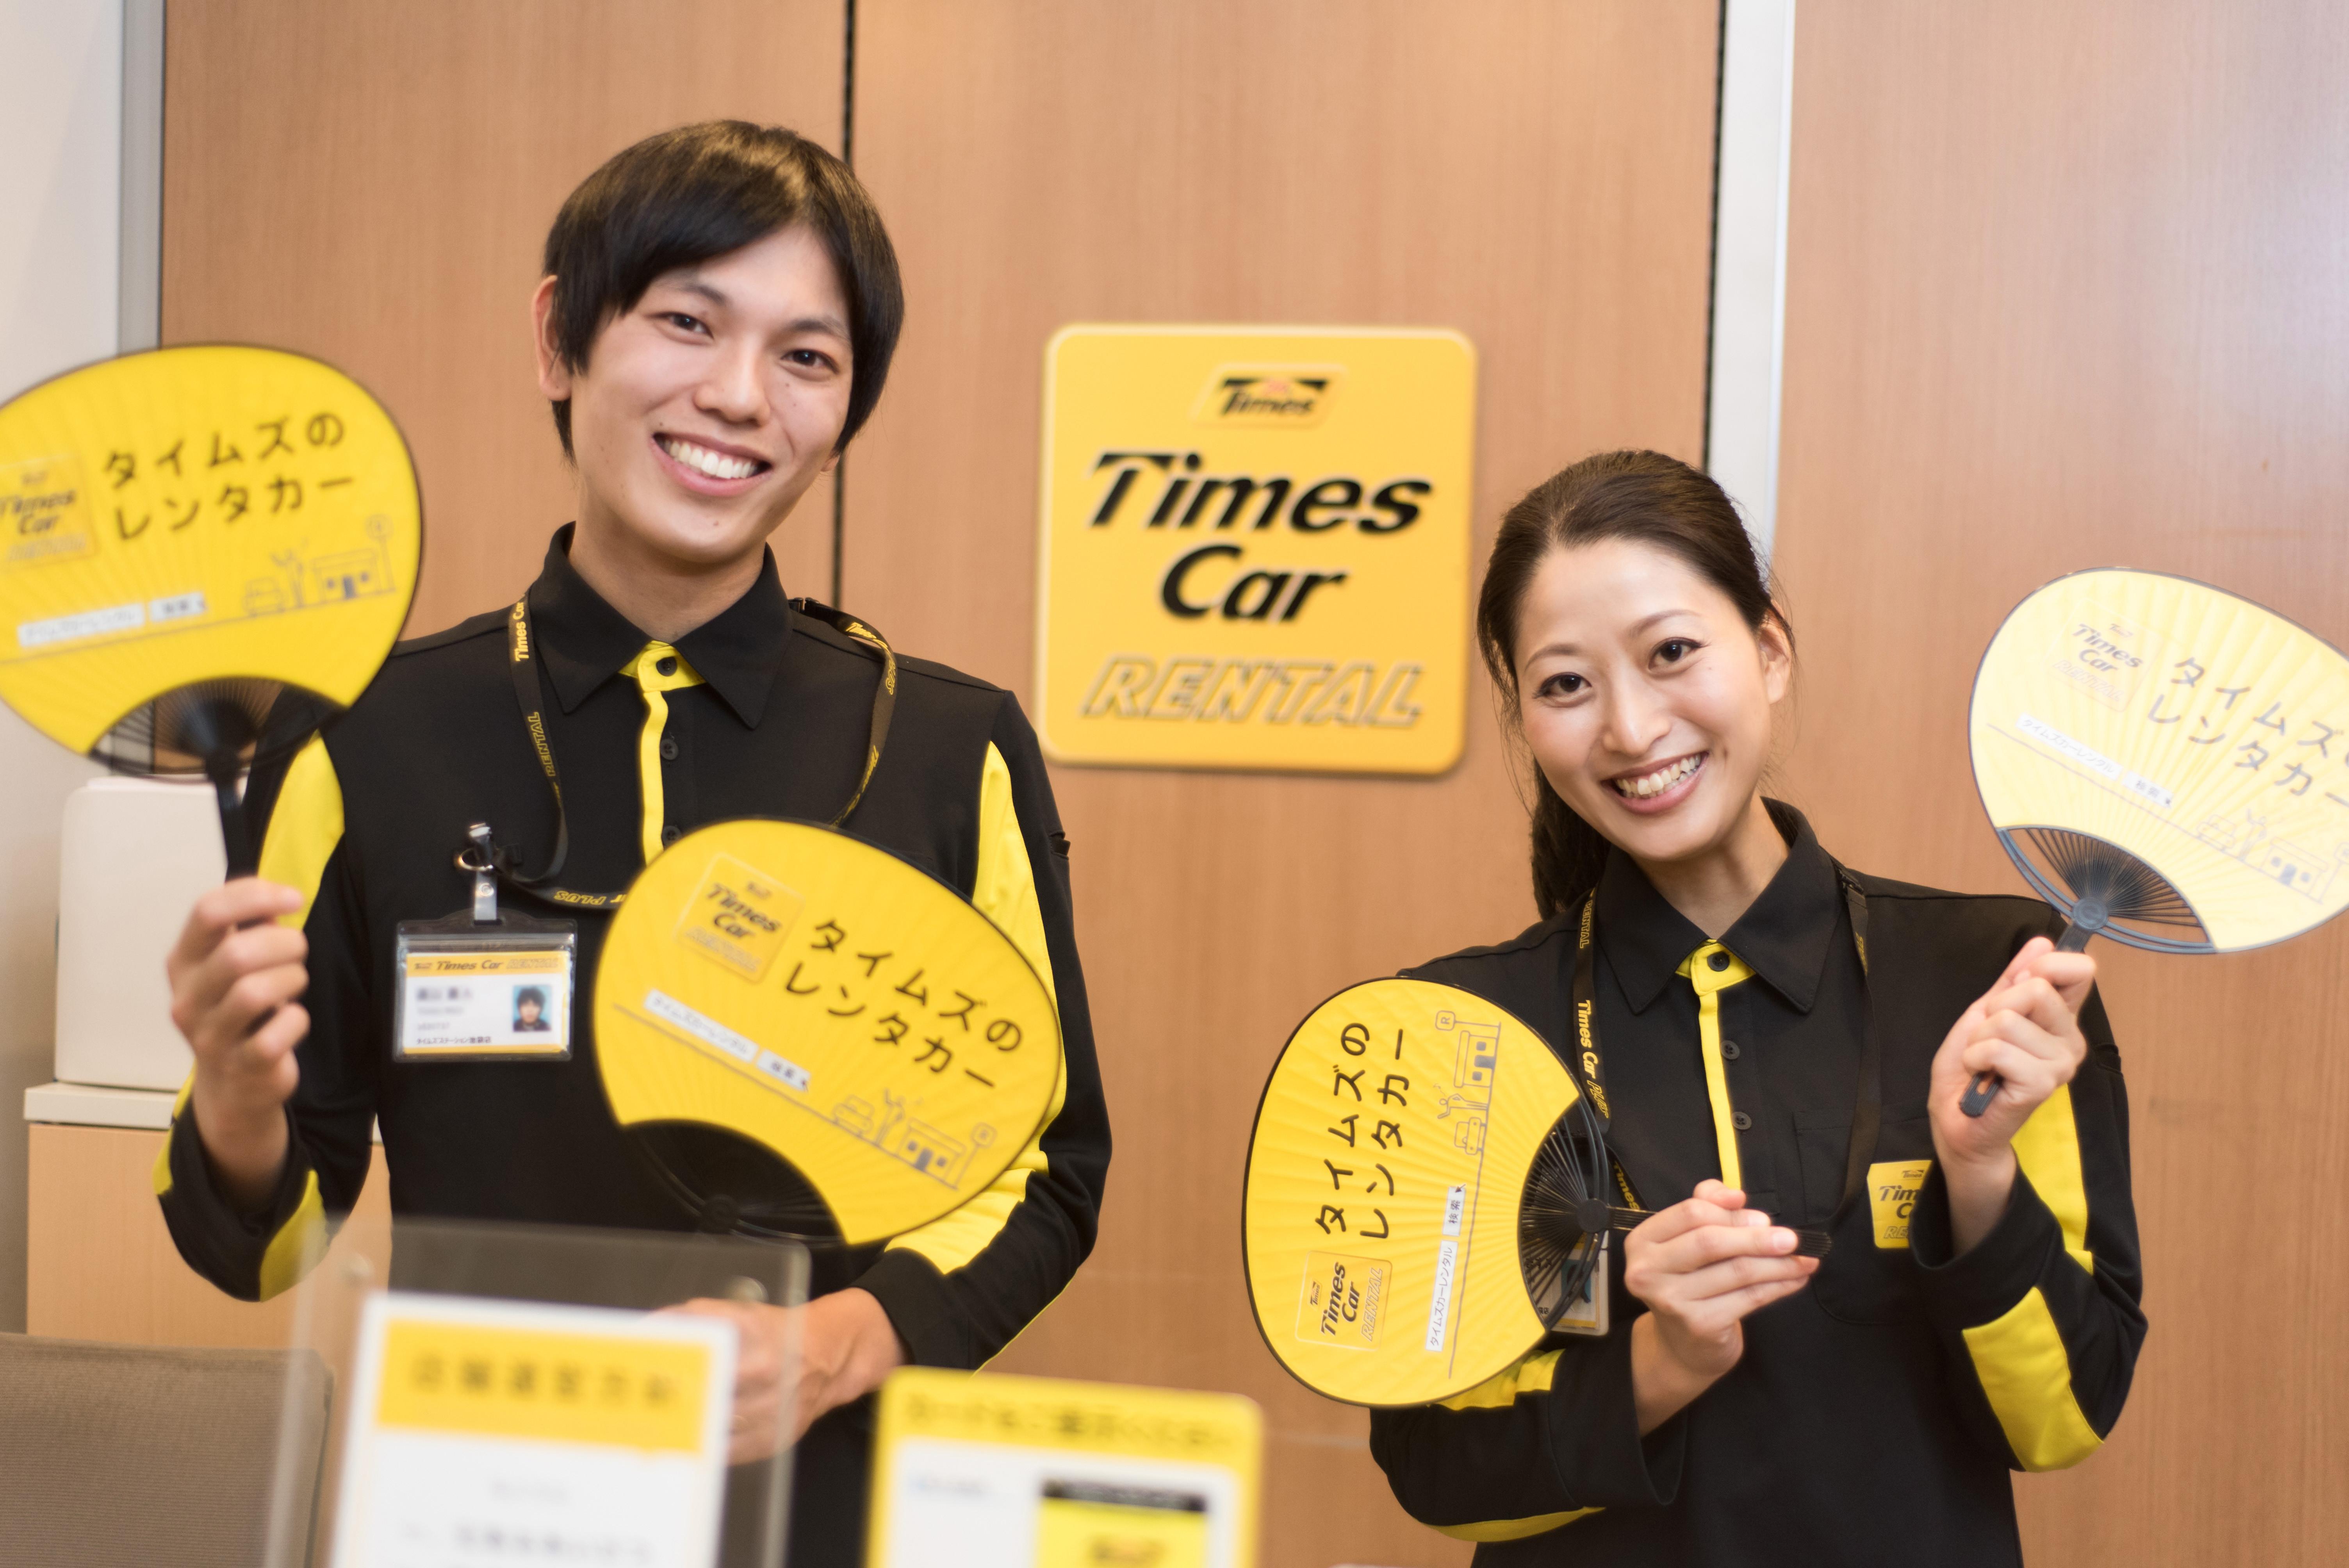 タイムズカーレンタル 長崎空港店 のアルバイト情報